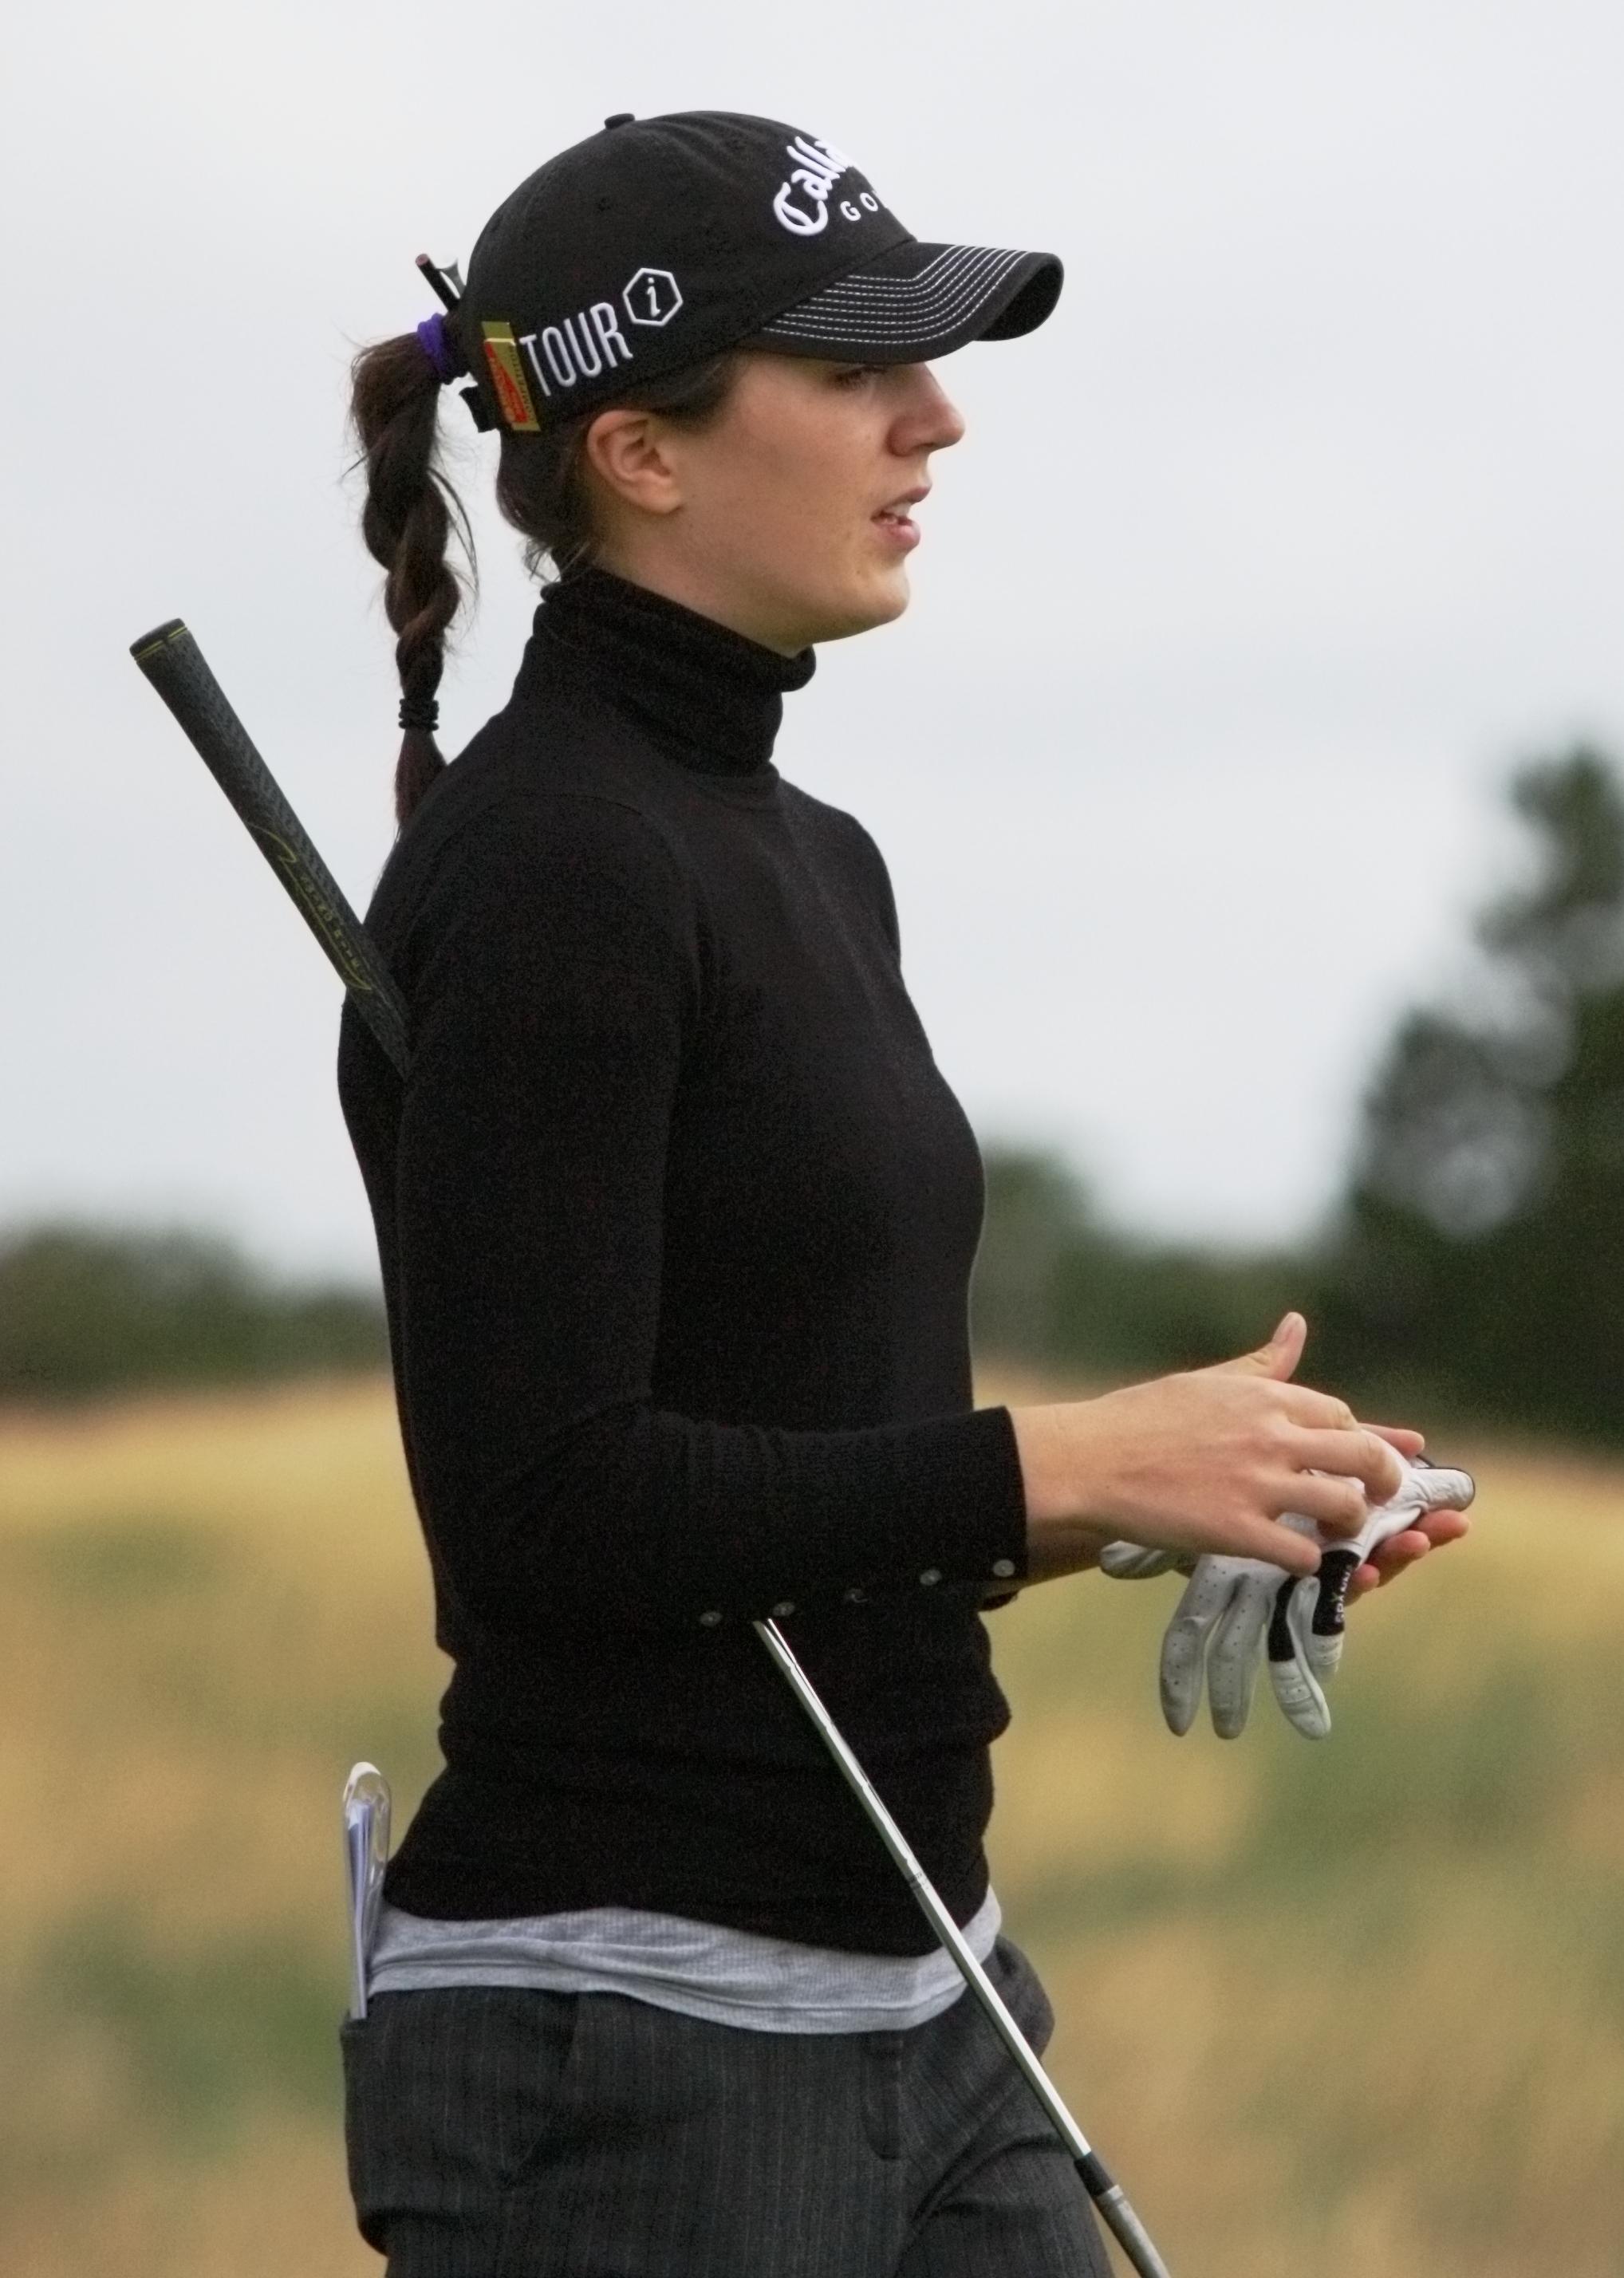 sports  sandra gal german professional golfer